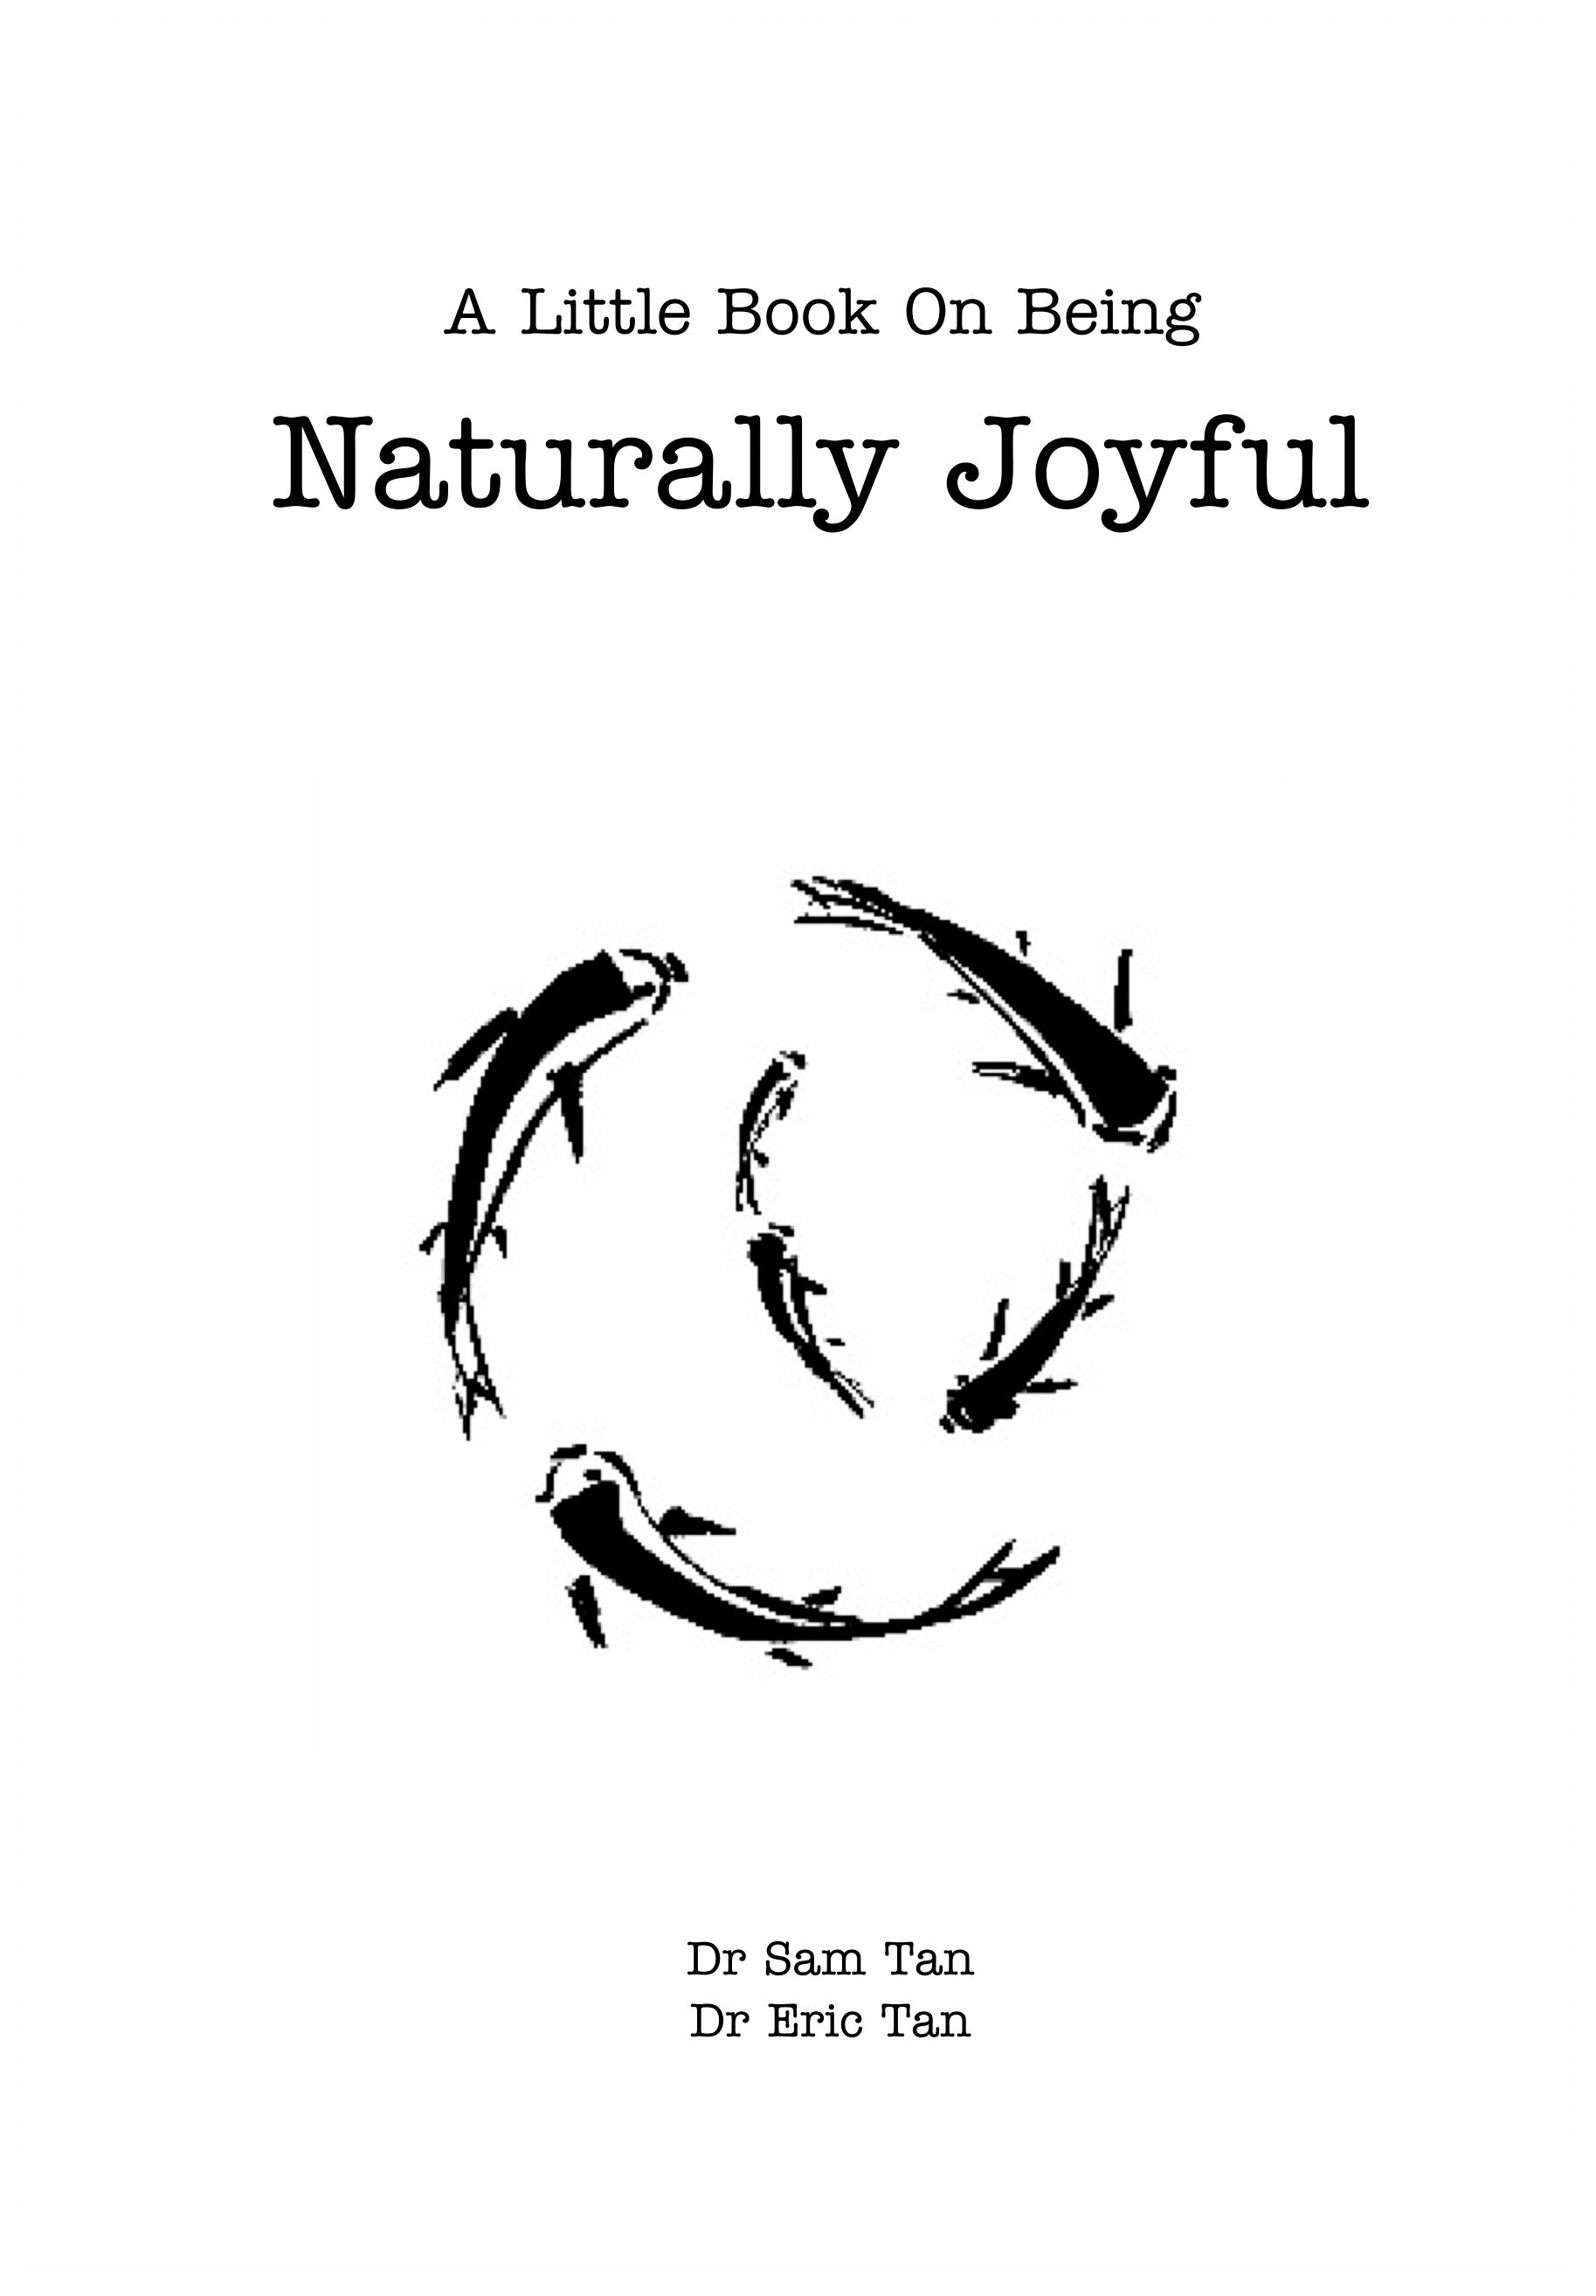 naturally joyful cover2.png